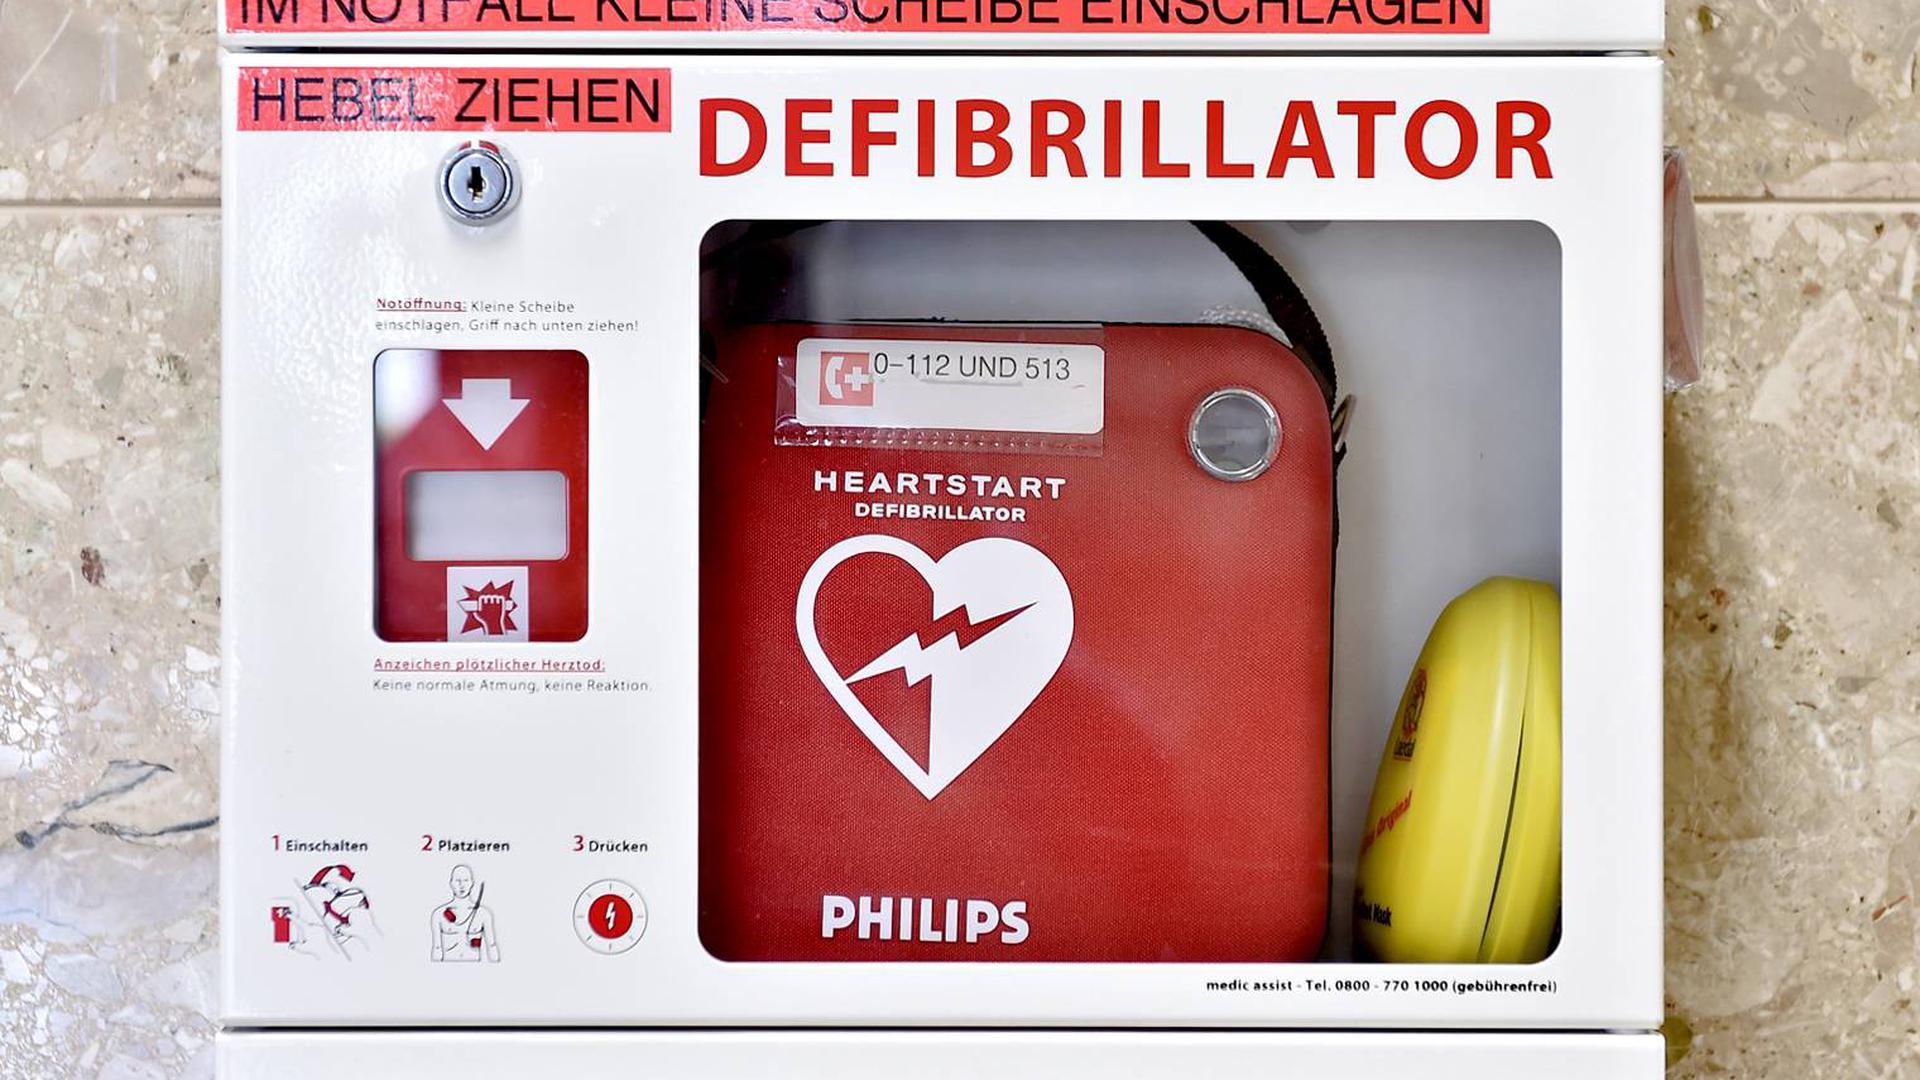 Handliches Rettungsgerät: Gut sichtbar und zugänglich ist der Defibrillator an einer Wand nahe dem Eingang installiert.